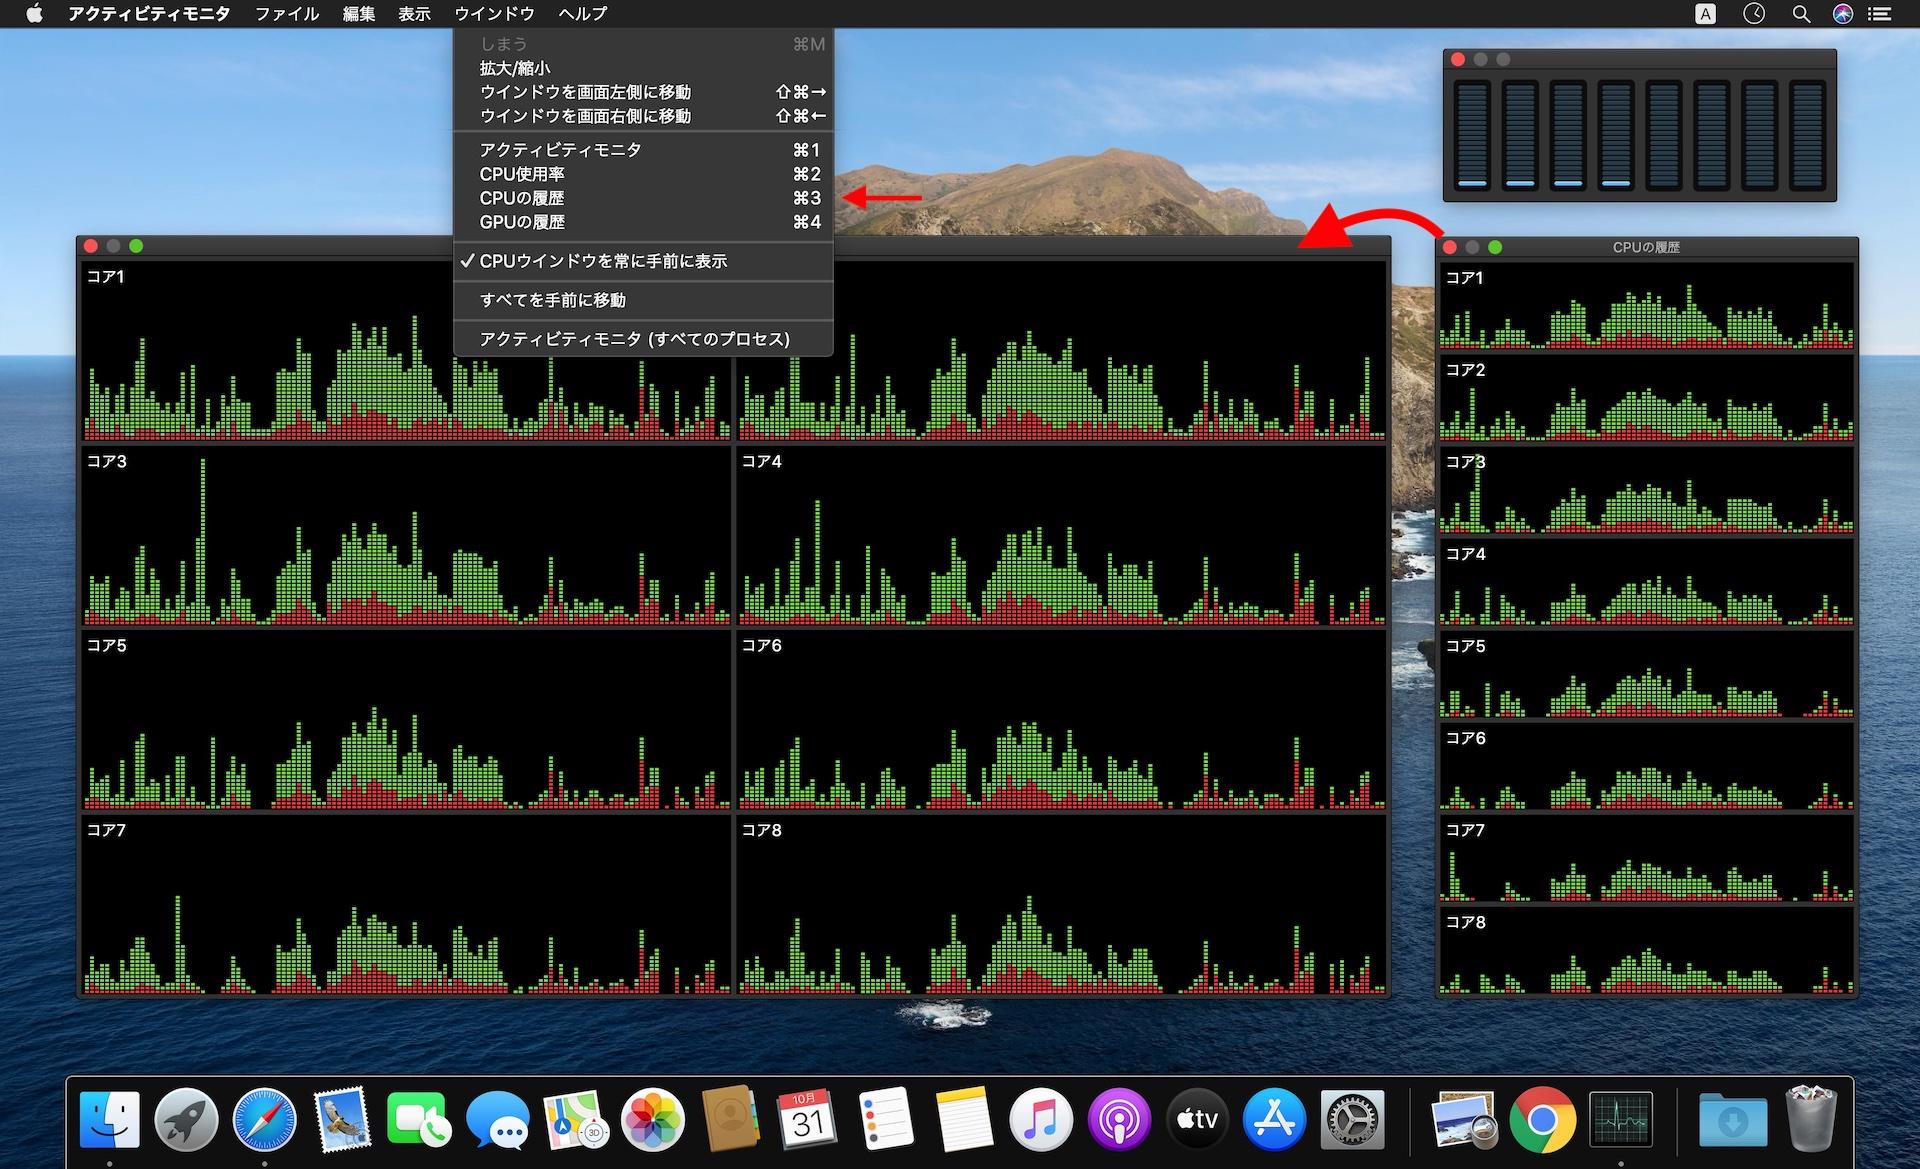 macOS 10.15.1 Catalinaの「CPUの履歴」ウィンドウ